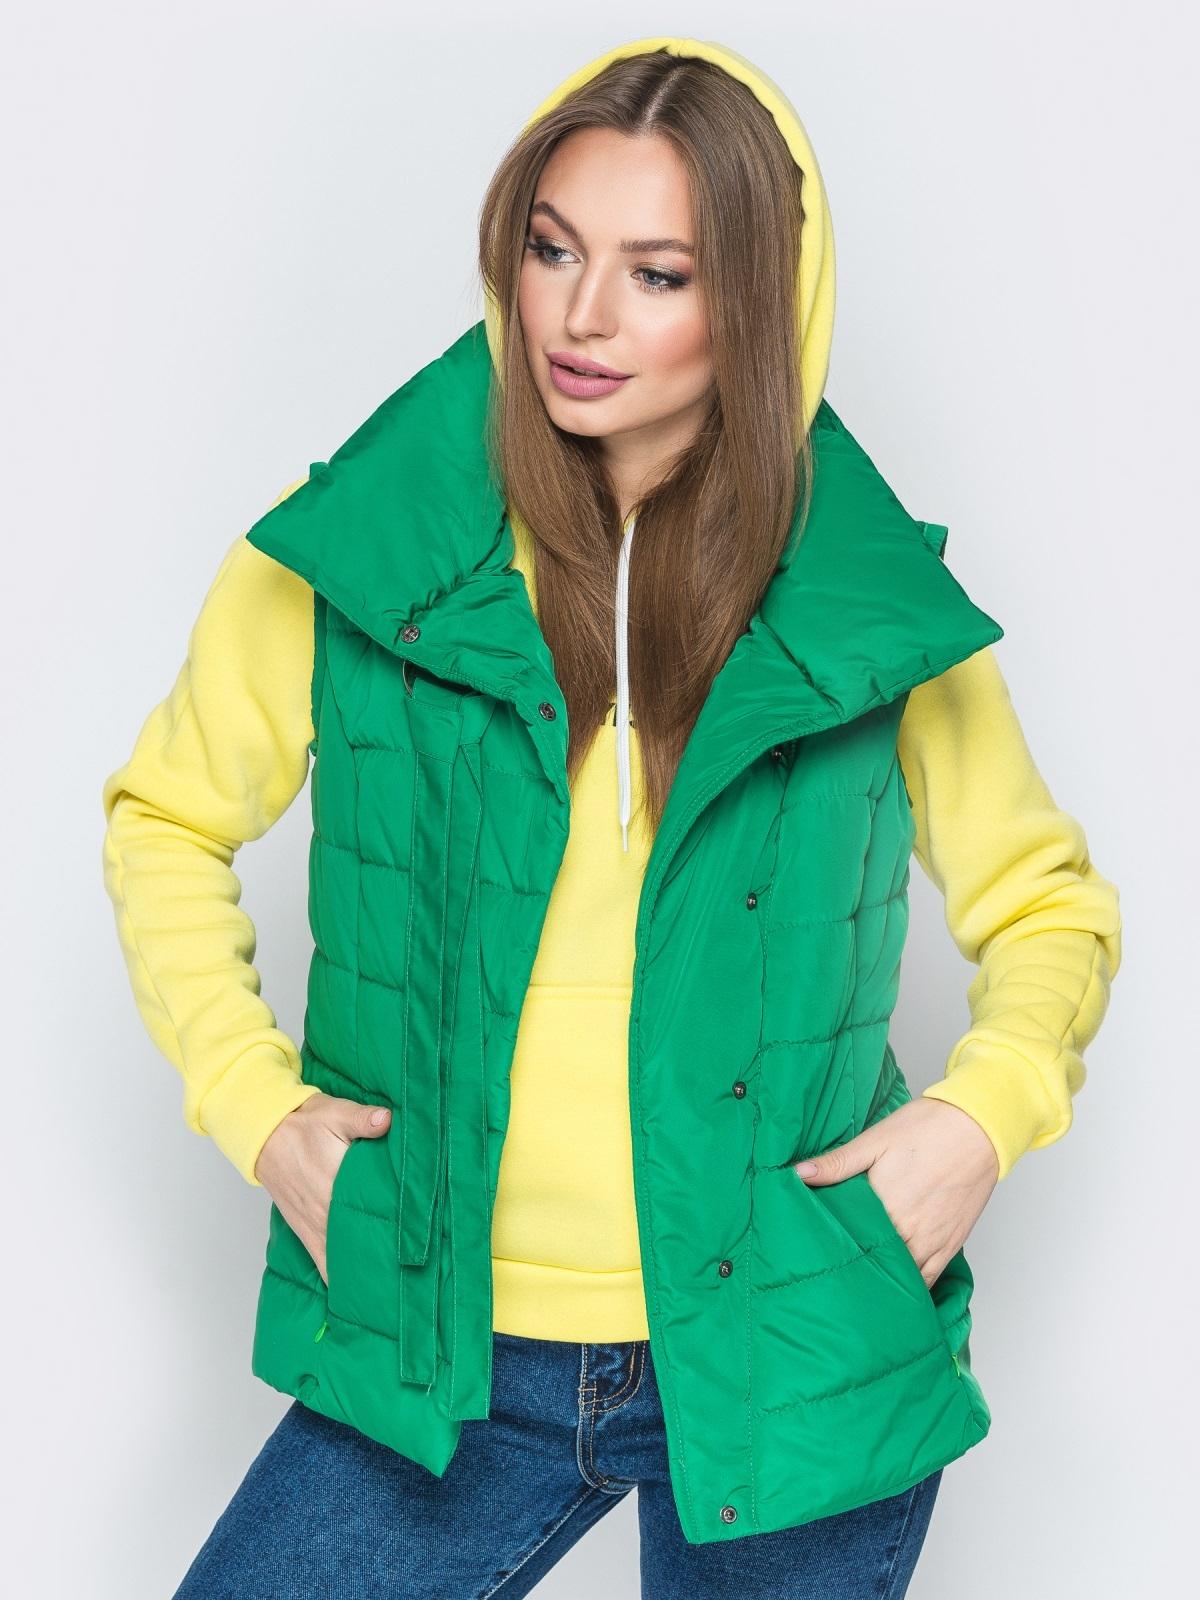 Зелёный жилет с объёмным воротником и карманами - 20056, фото 1 – интернет-магазин Dressa